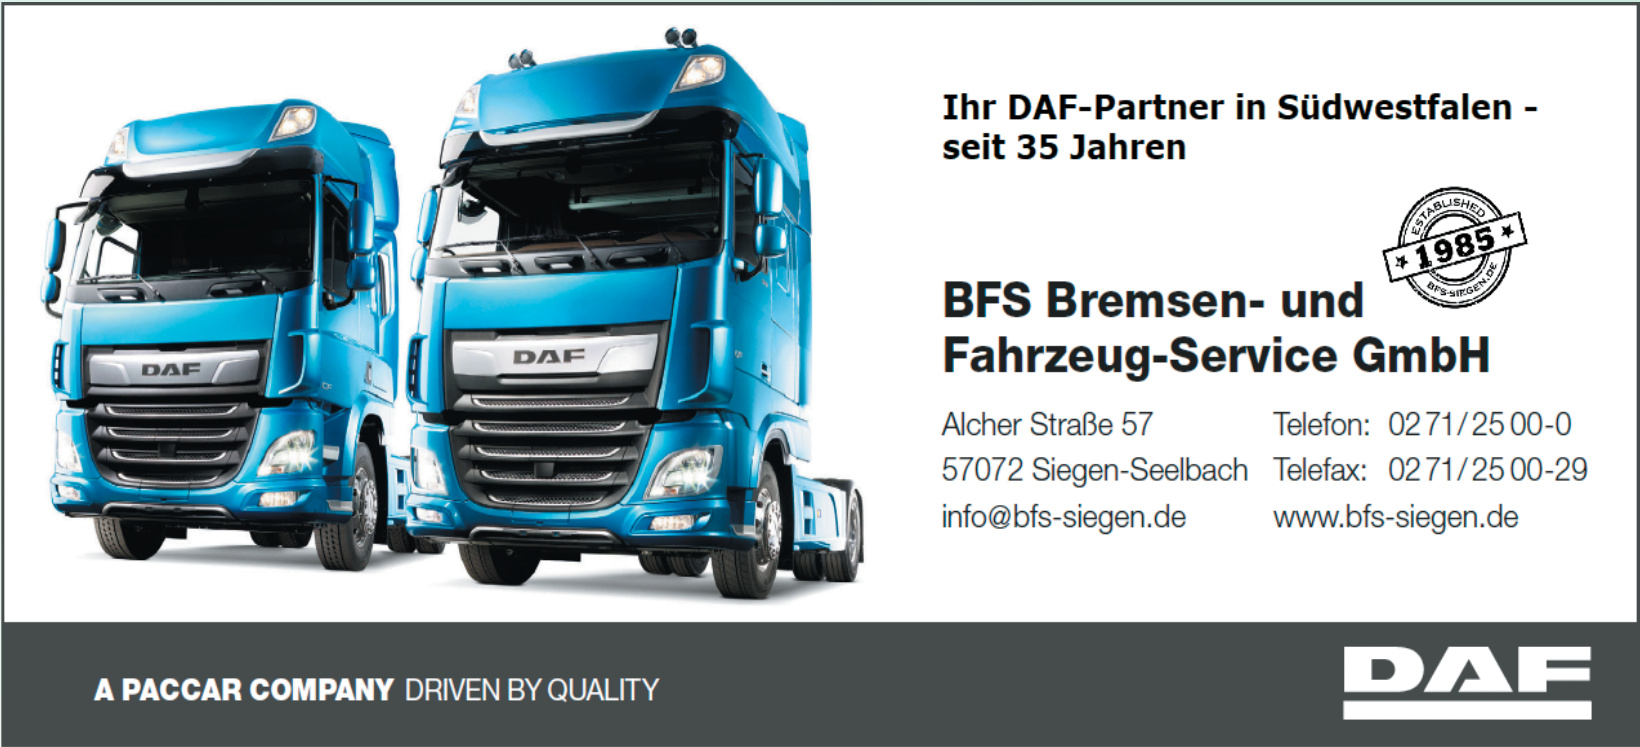 BFS Bremsen- und Fahrzeug-Service GmbH